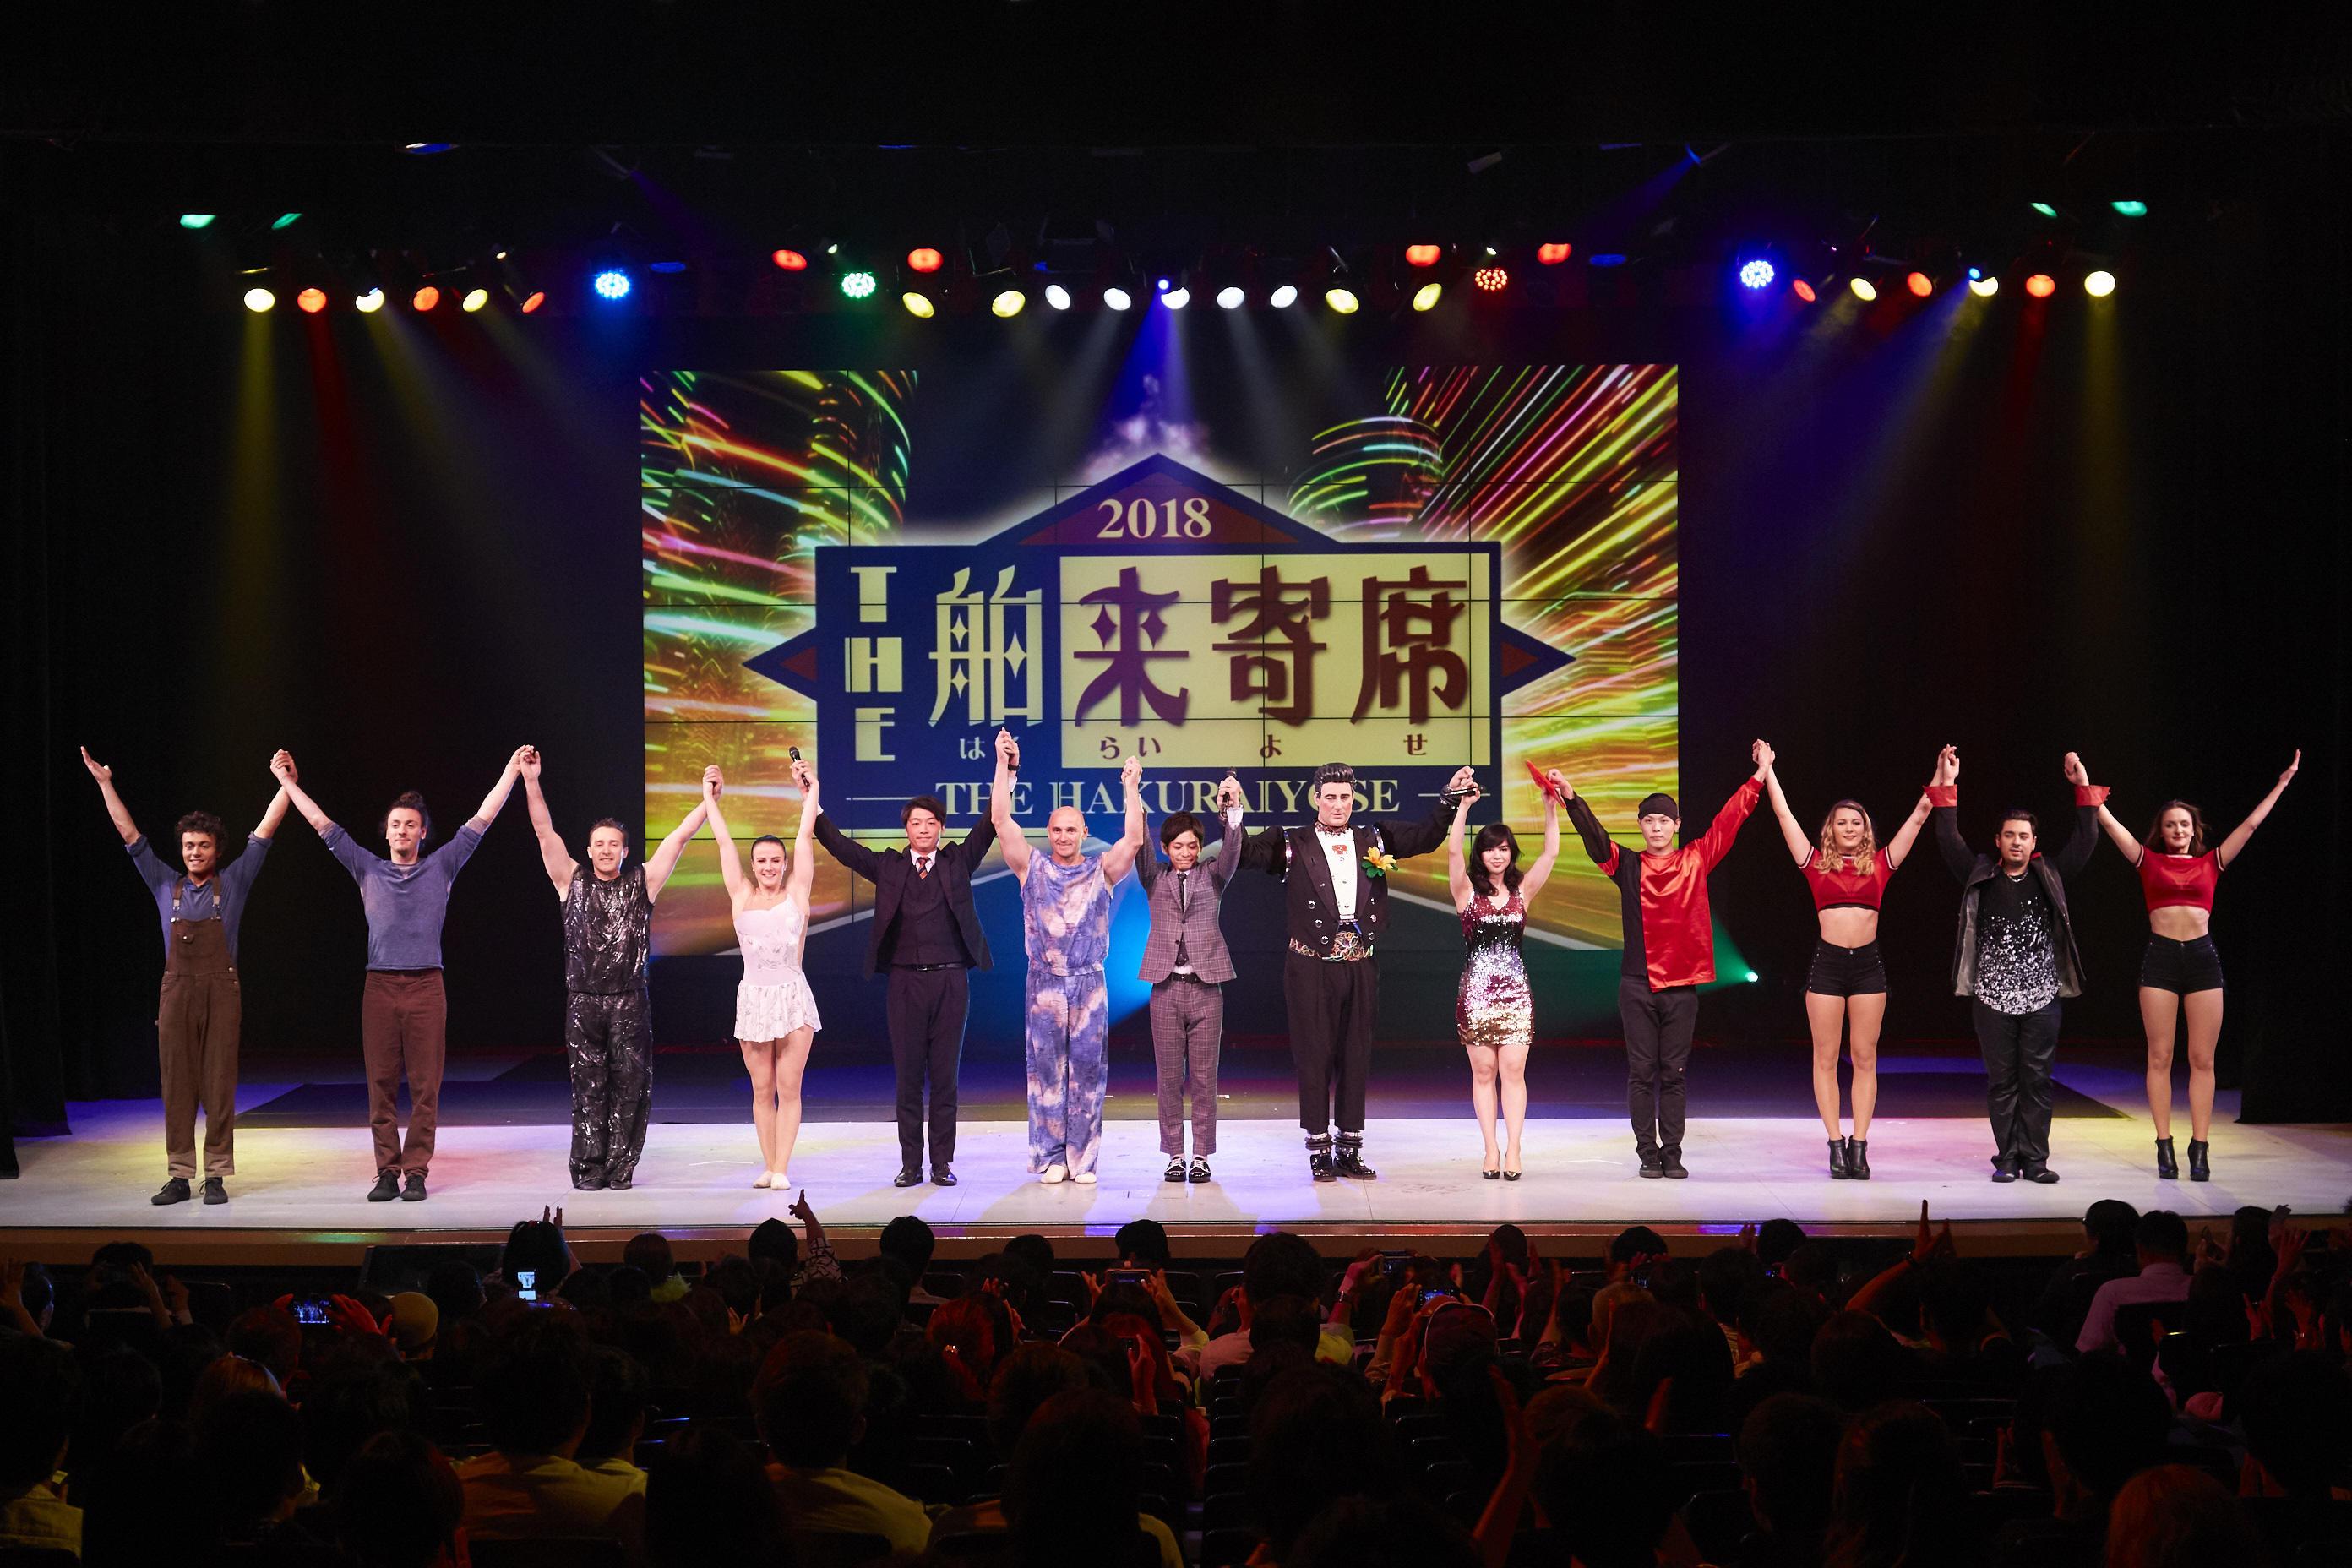 http://news.yoshimoto.co.jp/20180615092110-d17a8bc4e639fa52d38a2a2ba228a049cdd621dc.jpg